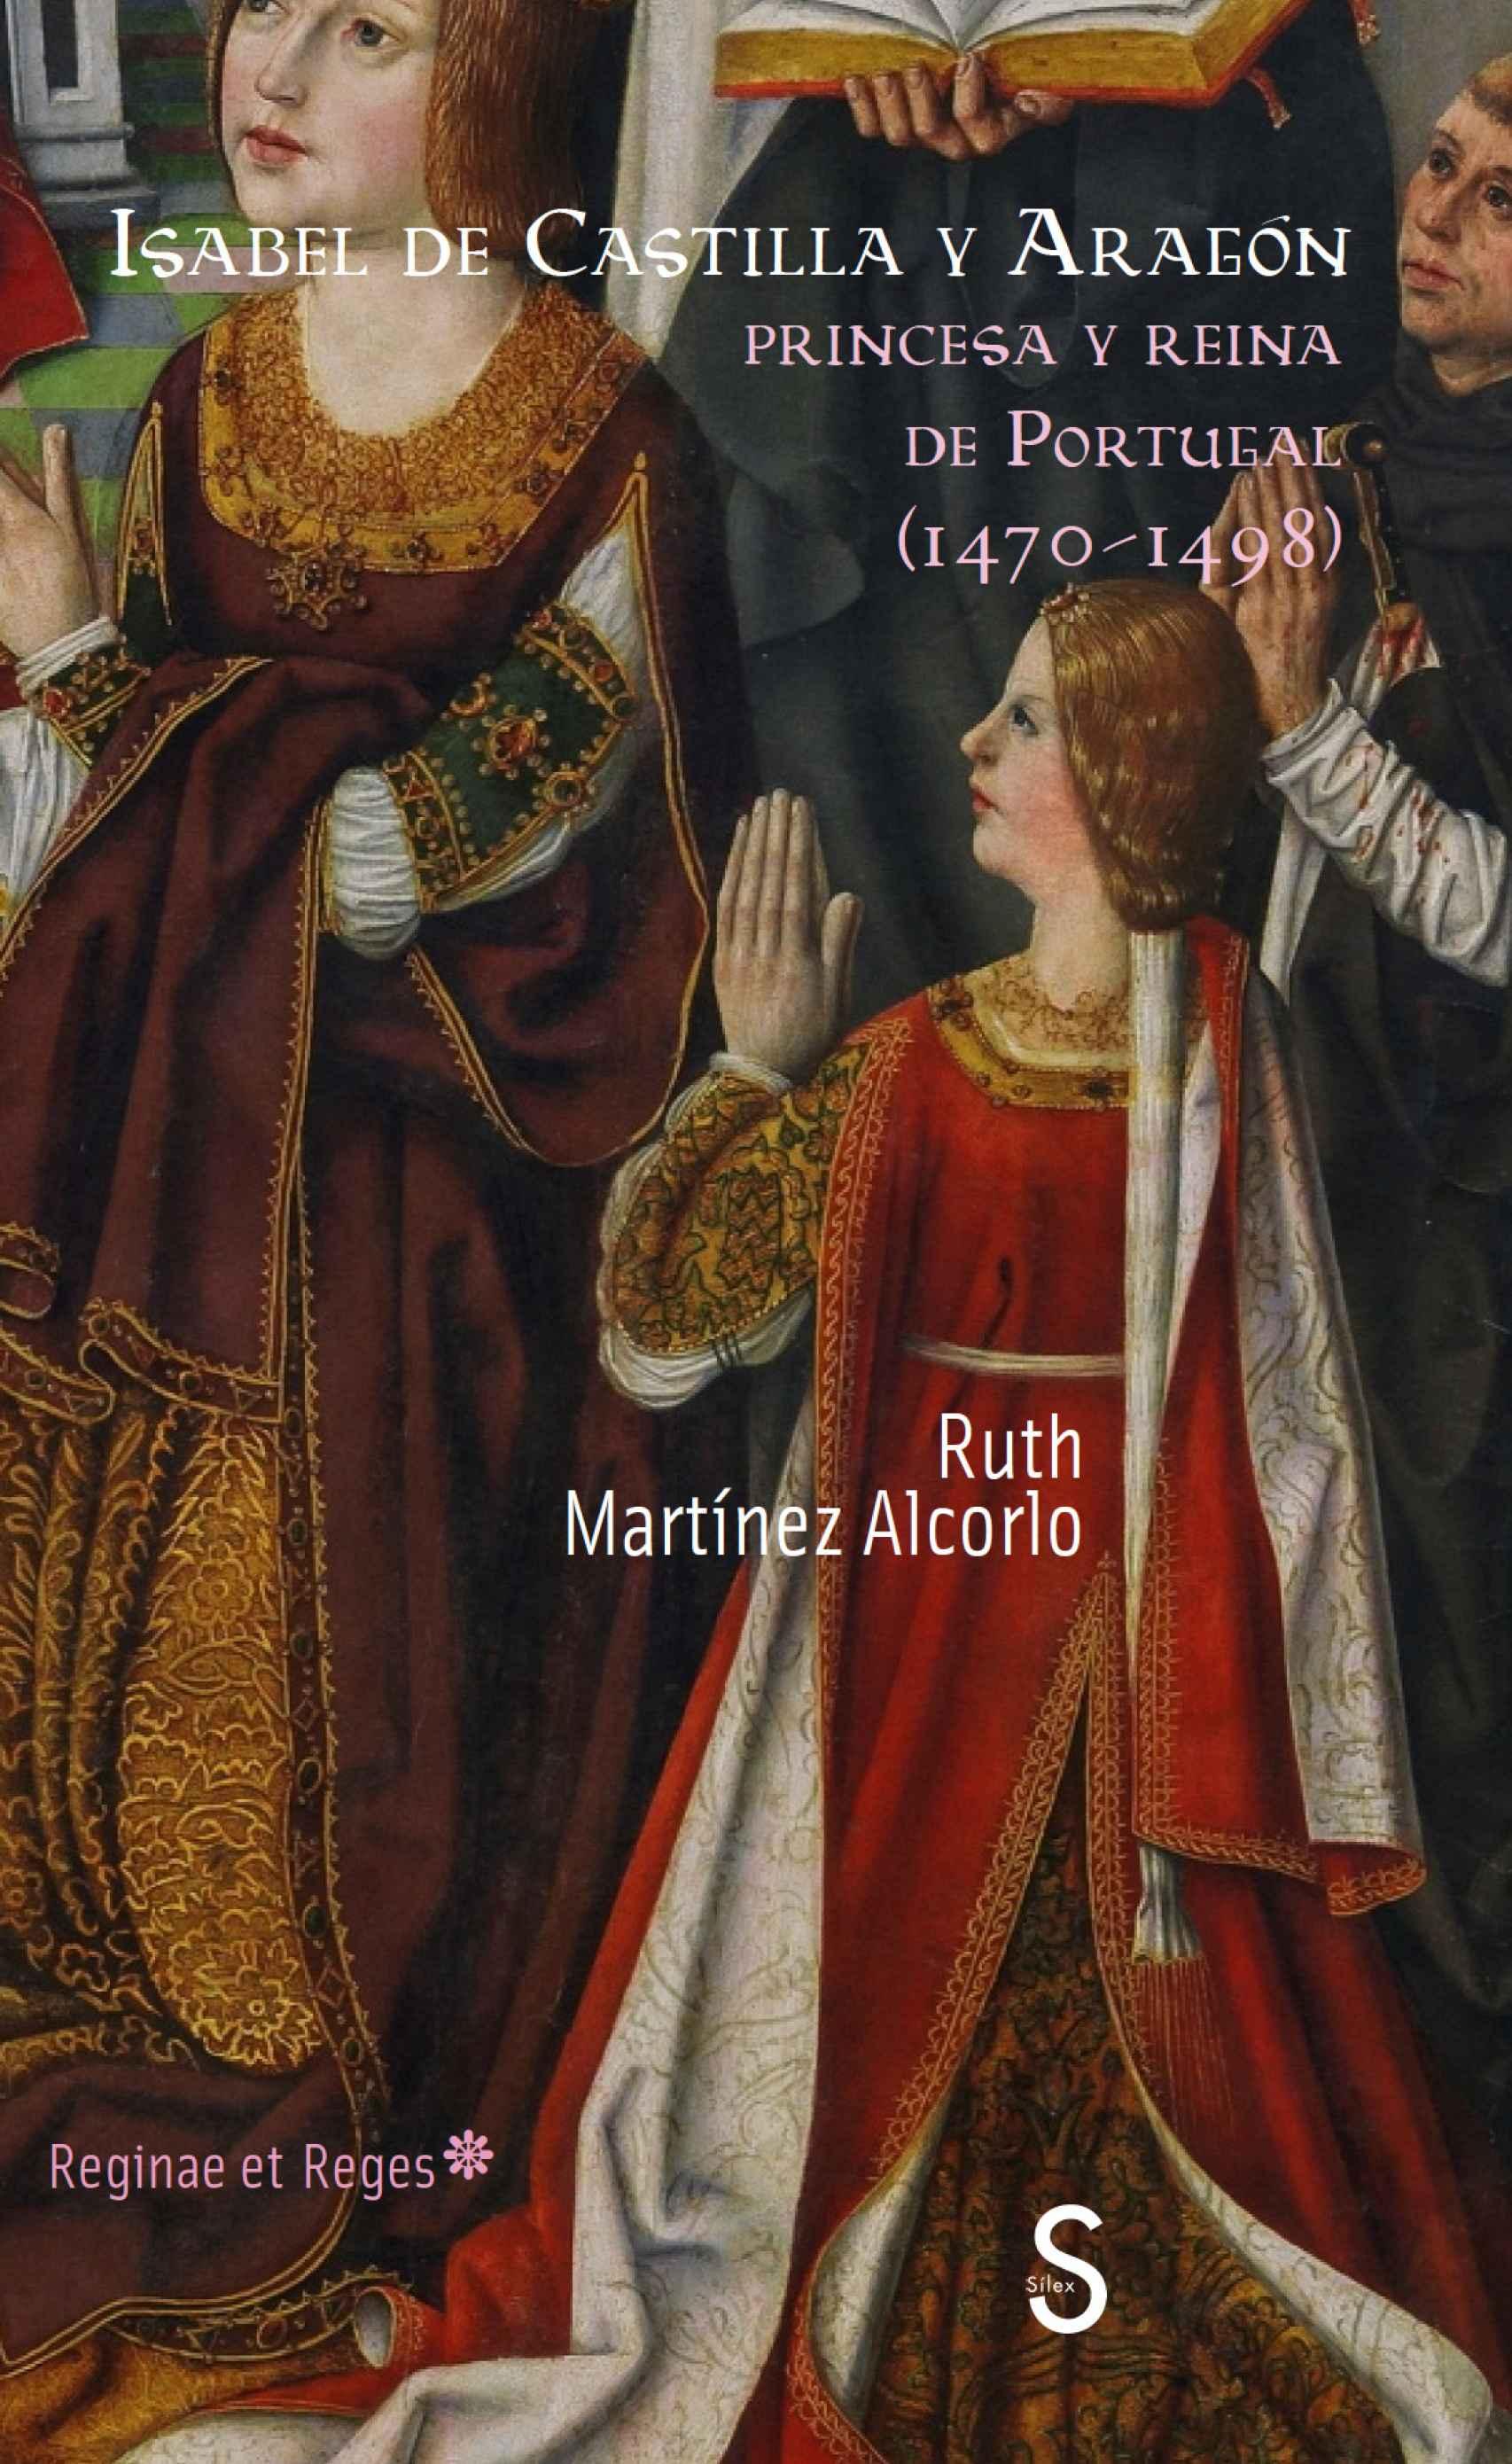 Portada de la biografía de Isabel de Castilla y Aragón.